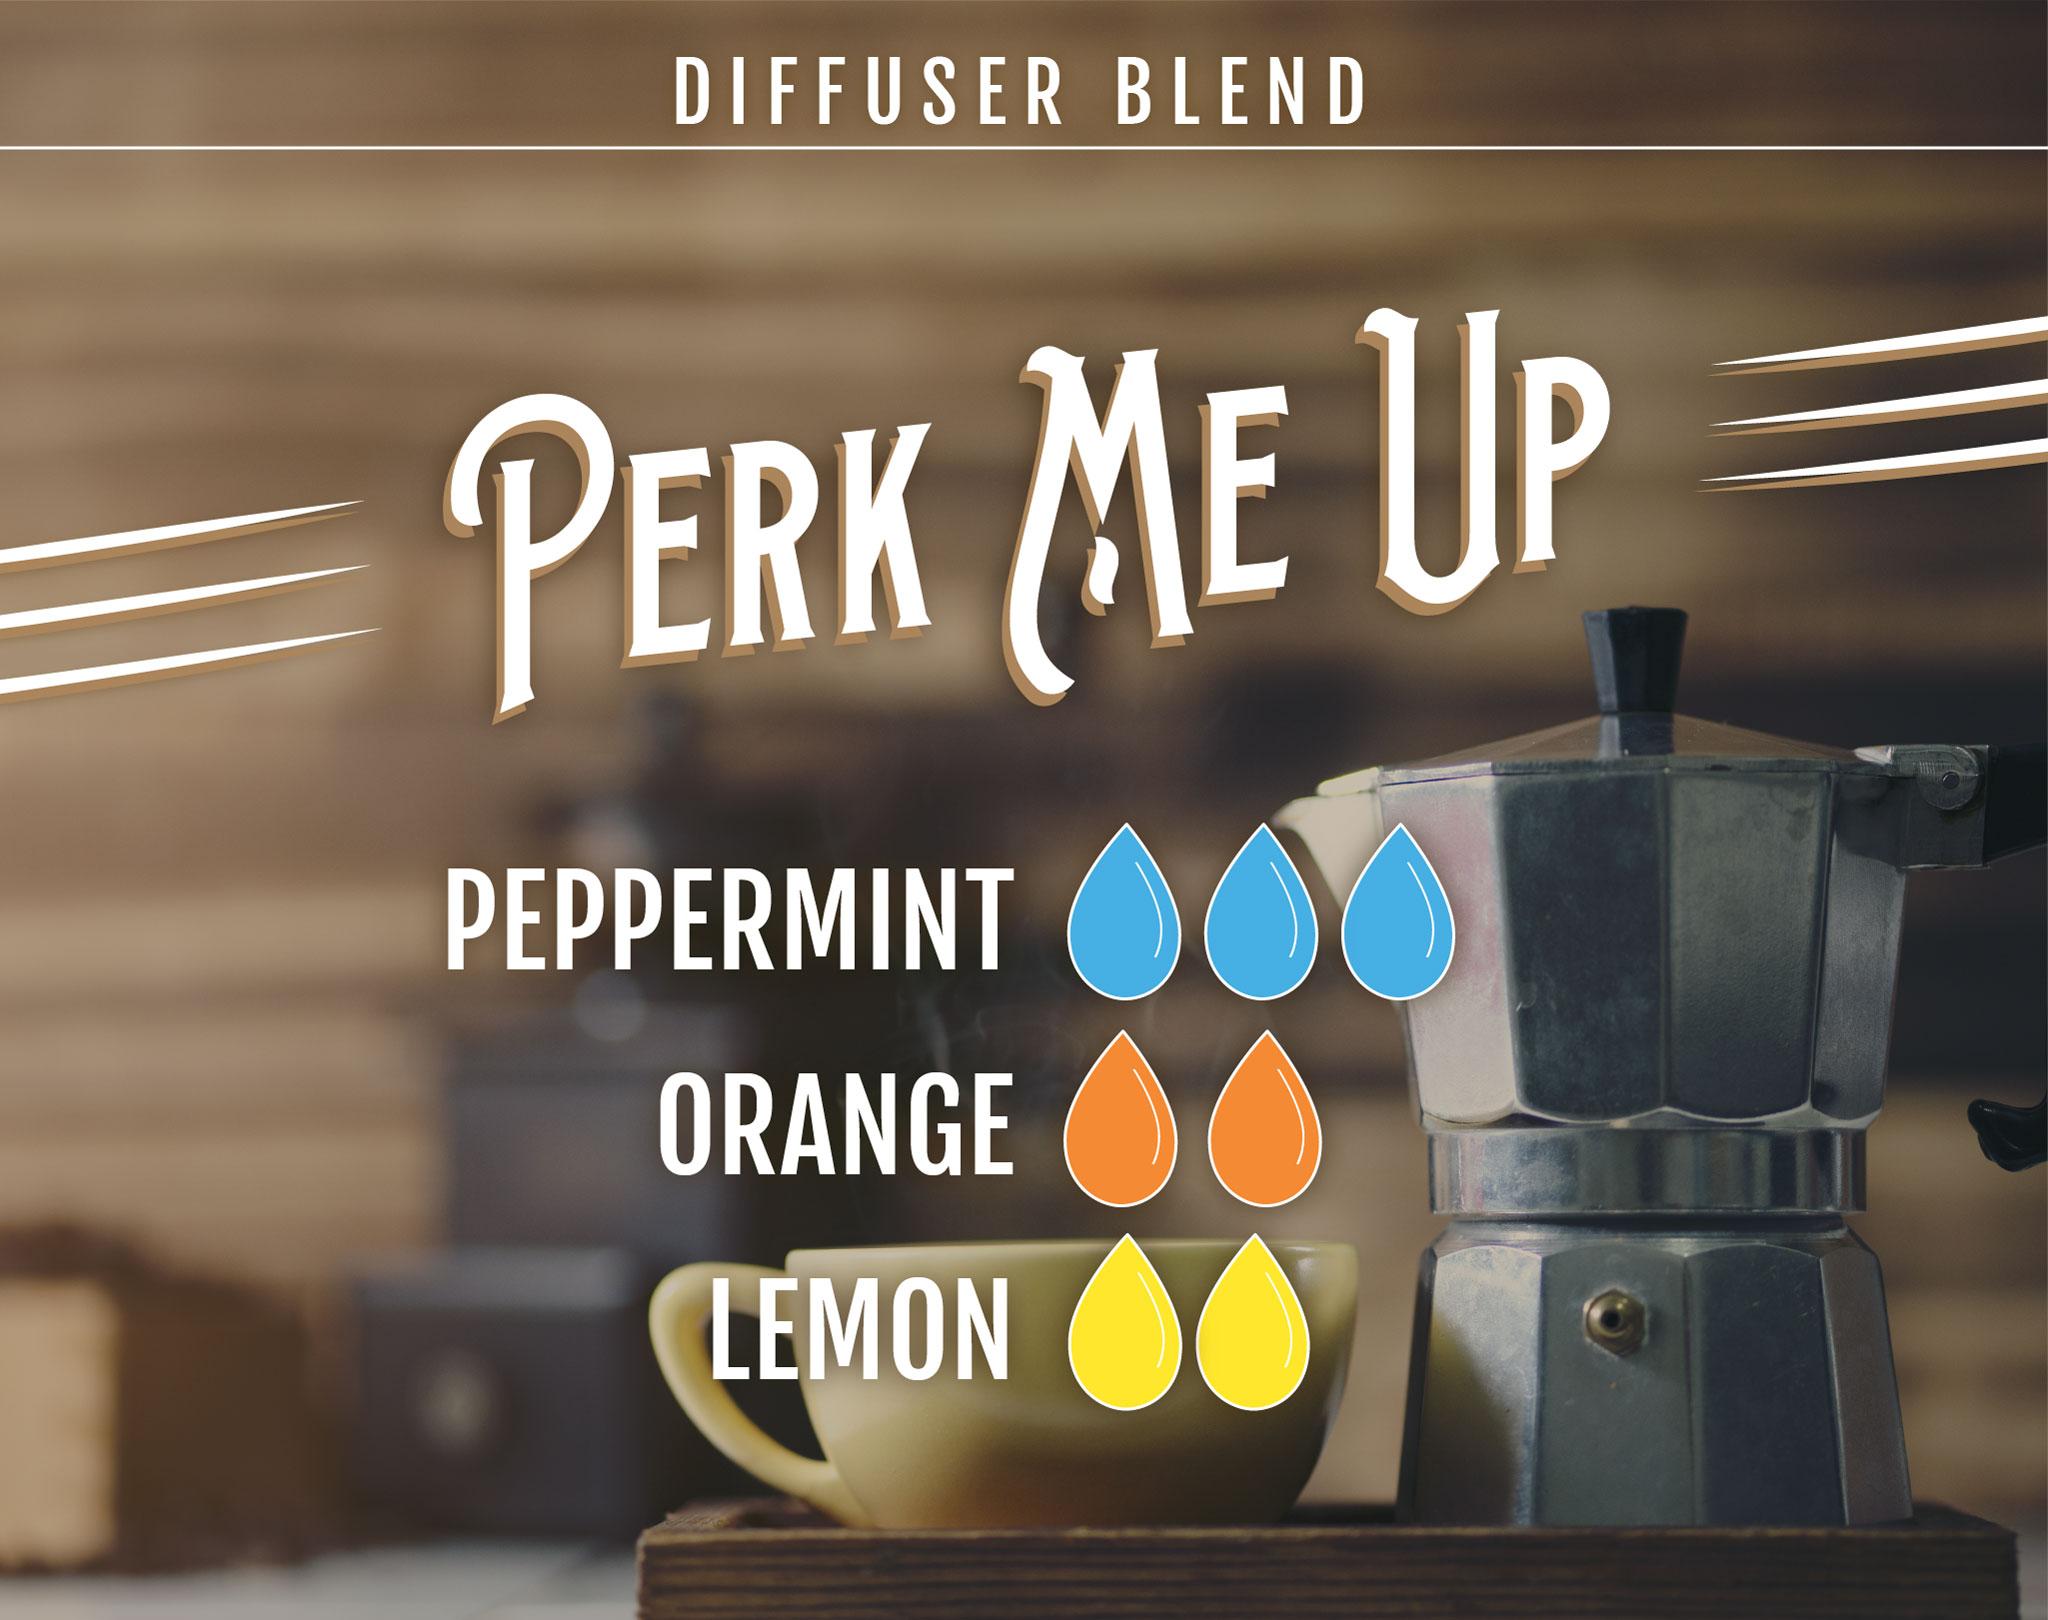 Perk Me Up Essential Oil (EO) Diffuser Blend: 3 drops Peppermint EO, 2 drops Orange EO, 2 drops Lemon EO